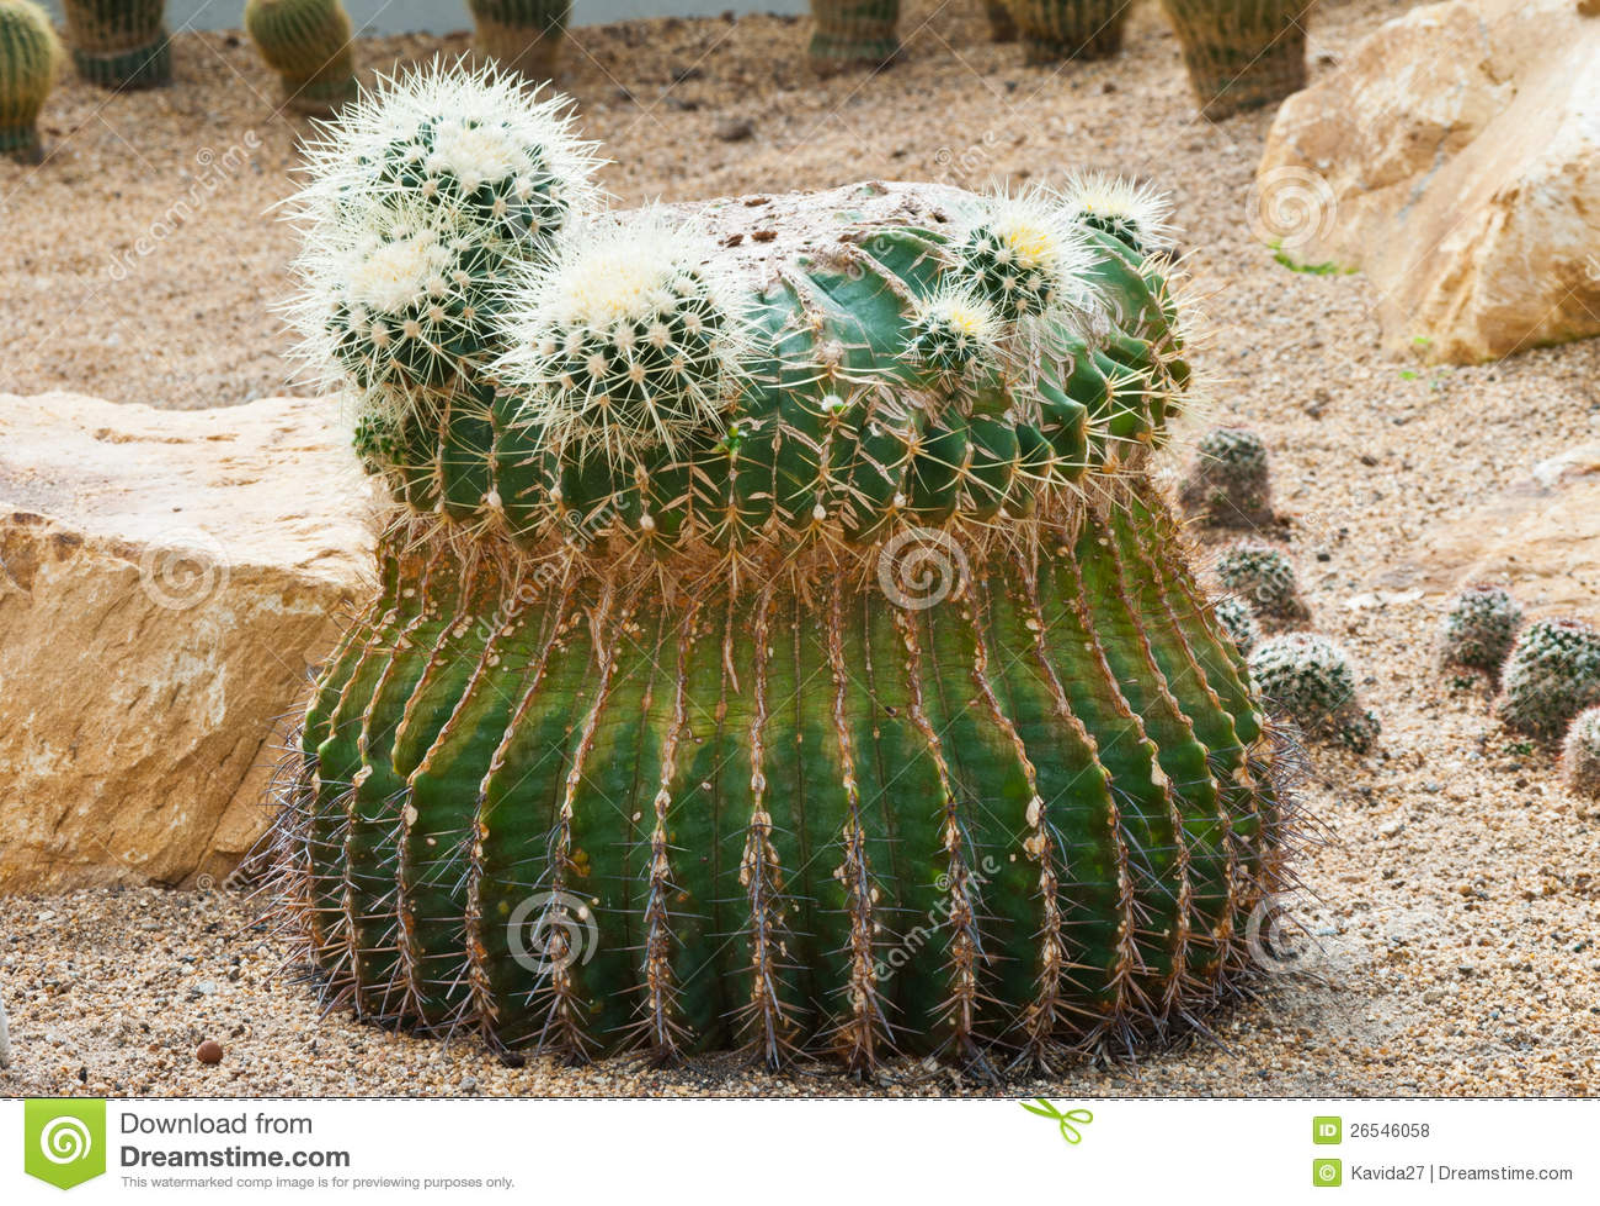 Cactus fotografia stock immagine di semenzale interno - Cactus da interno ...